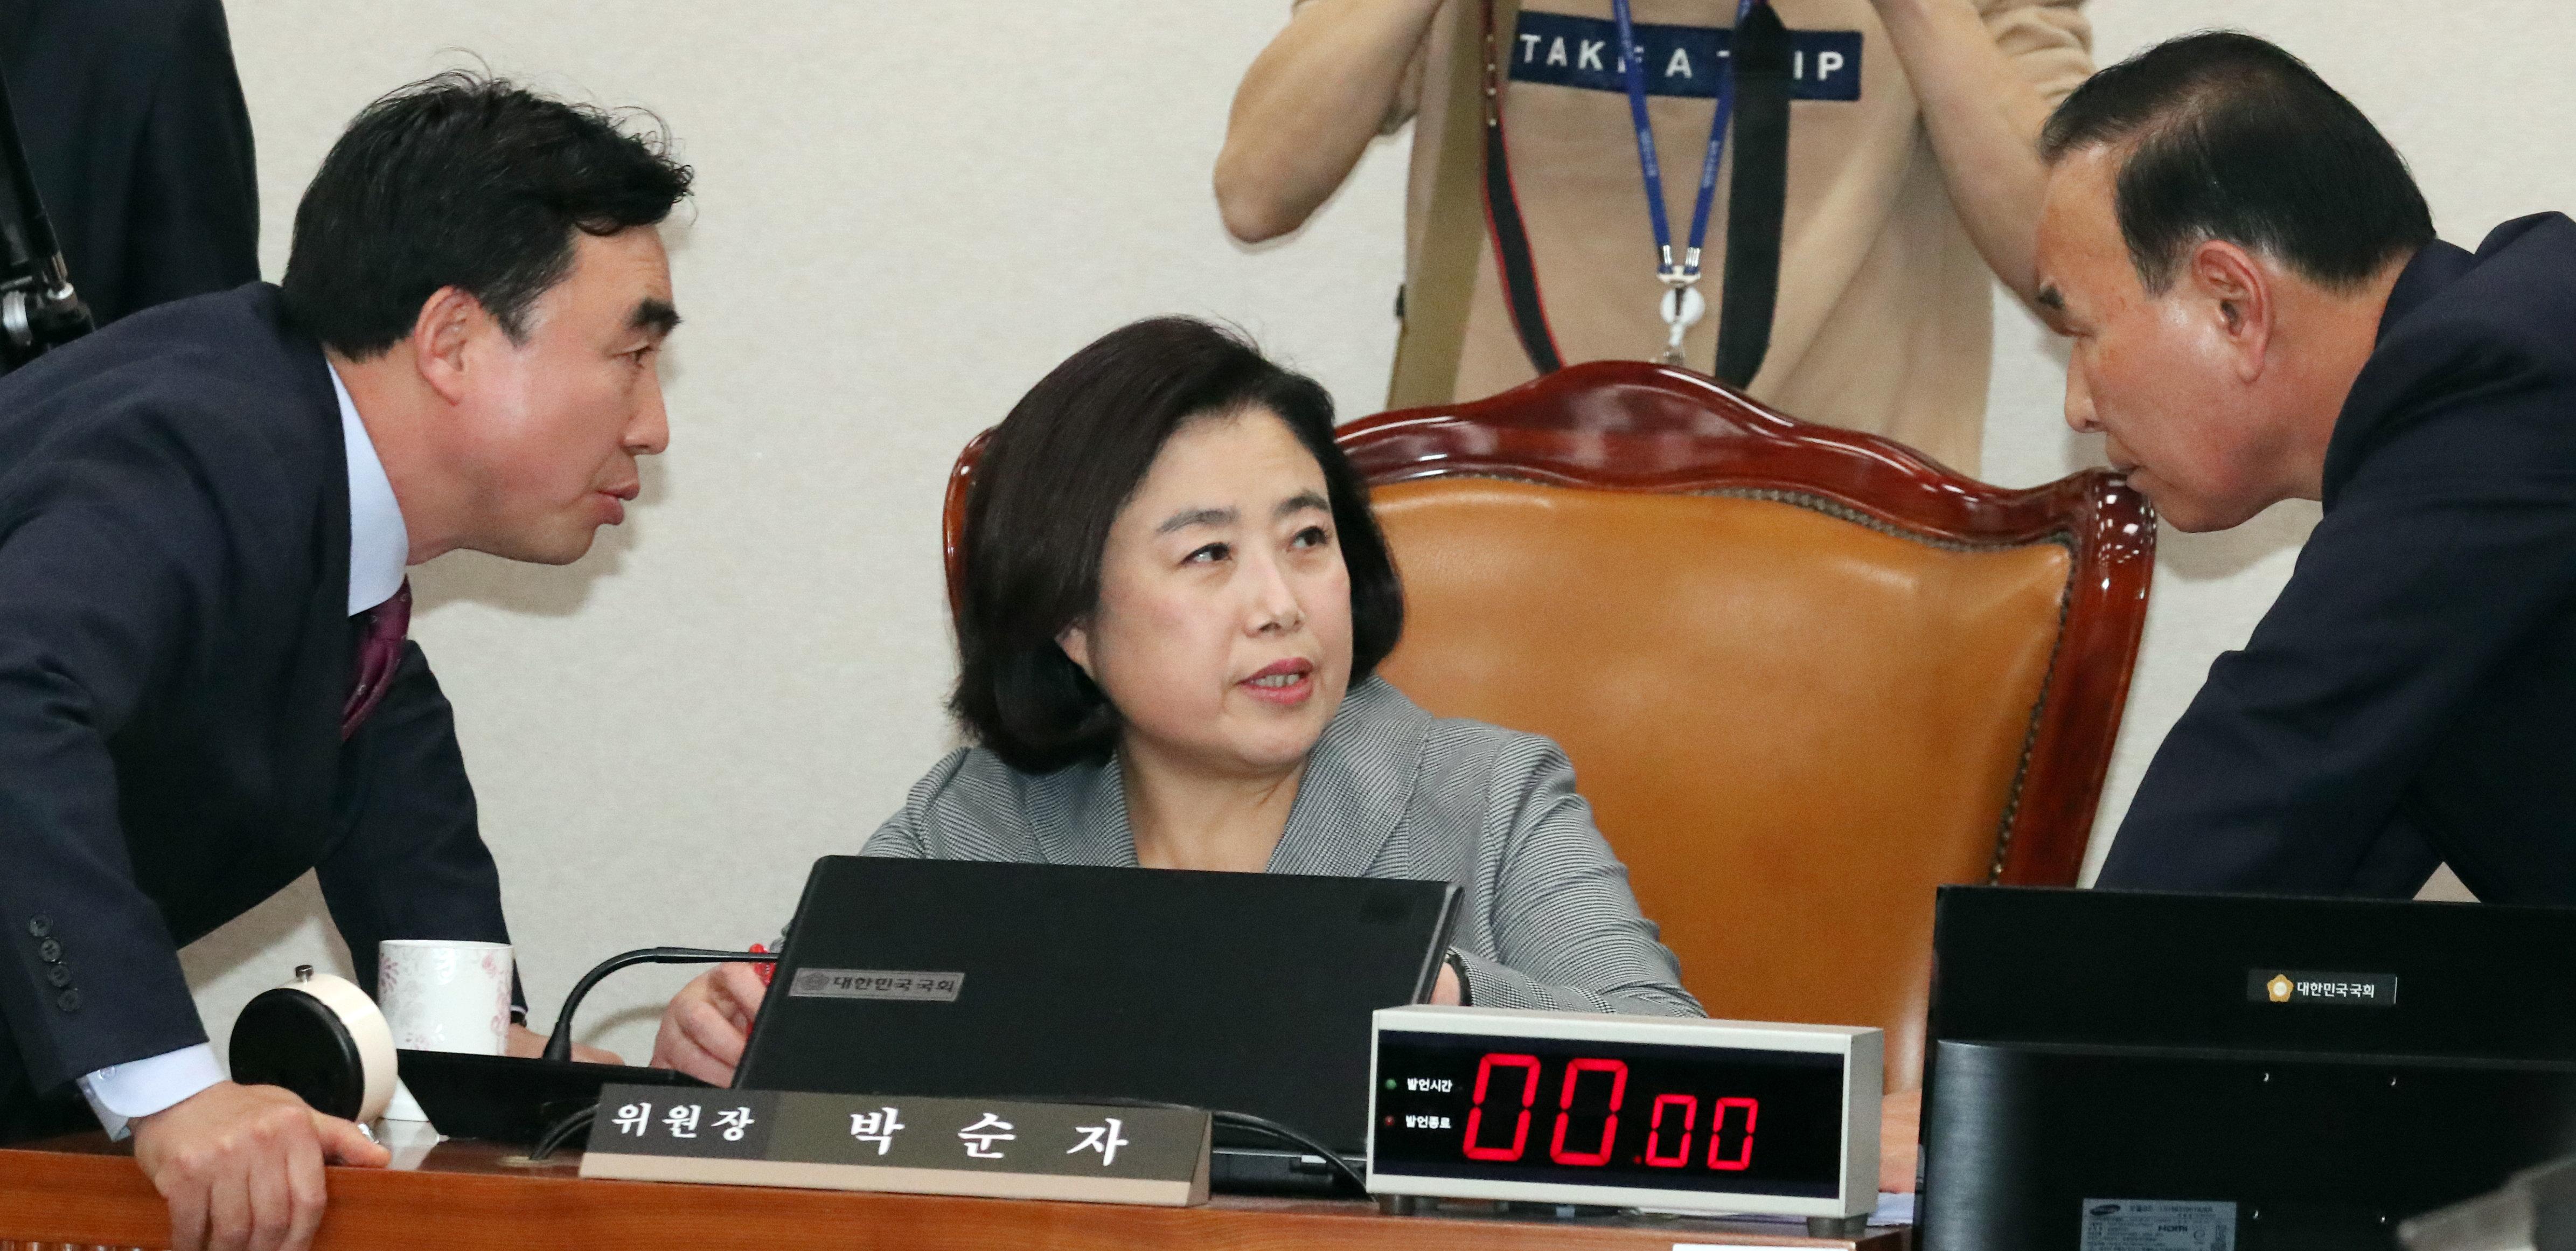 한국당 박순자 의원의 아들이 '특혜'를 받았다는 논란이